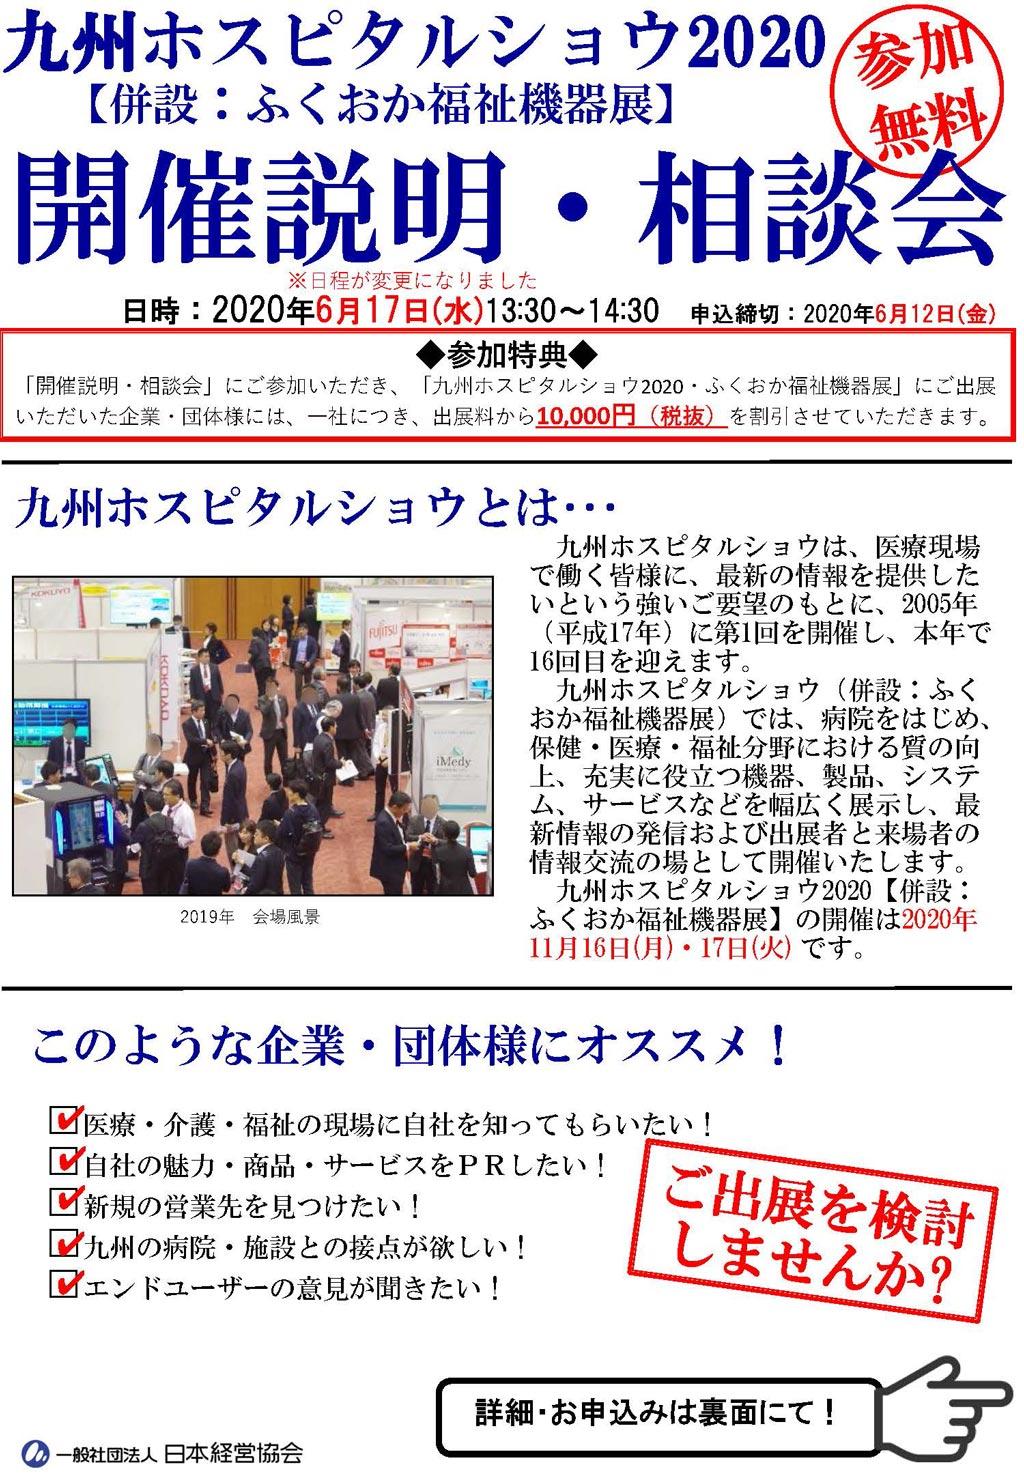 九州ホスピタルショウ2020/ふくおか福祉機器展 開催説明・相談会のご案内チラシ